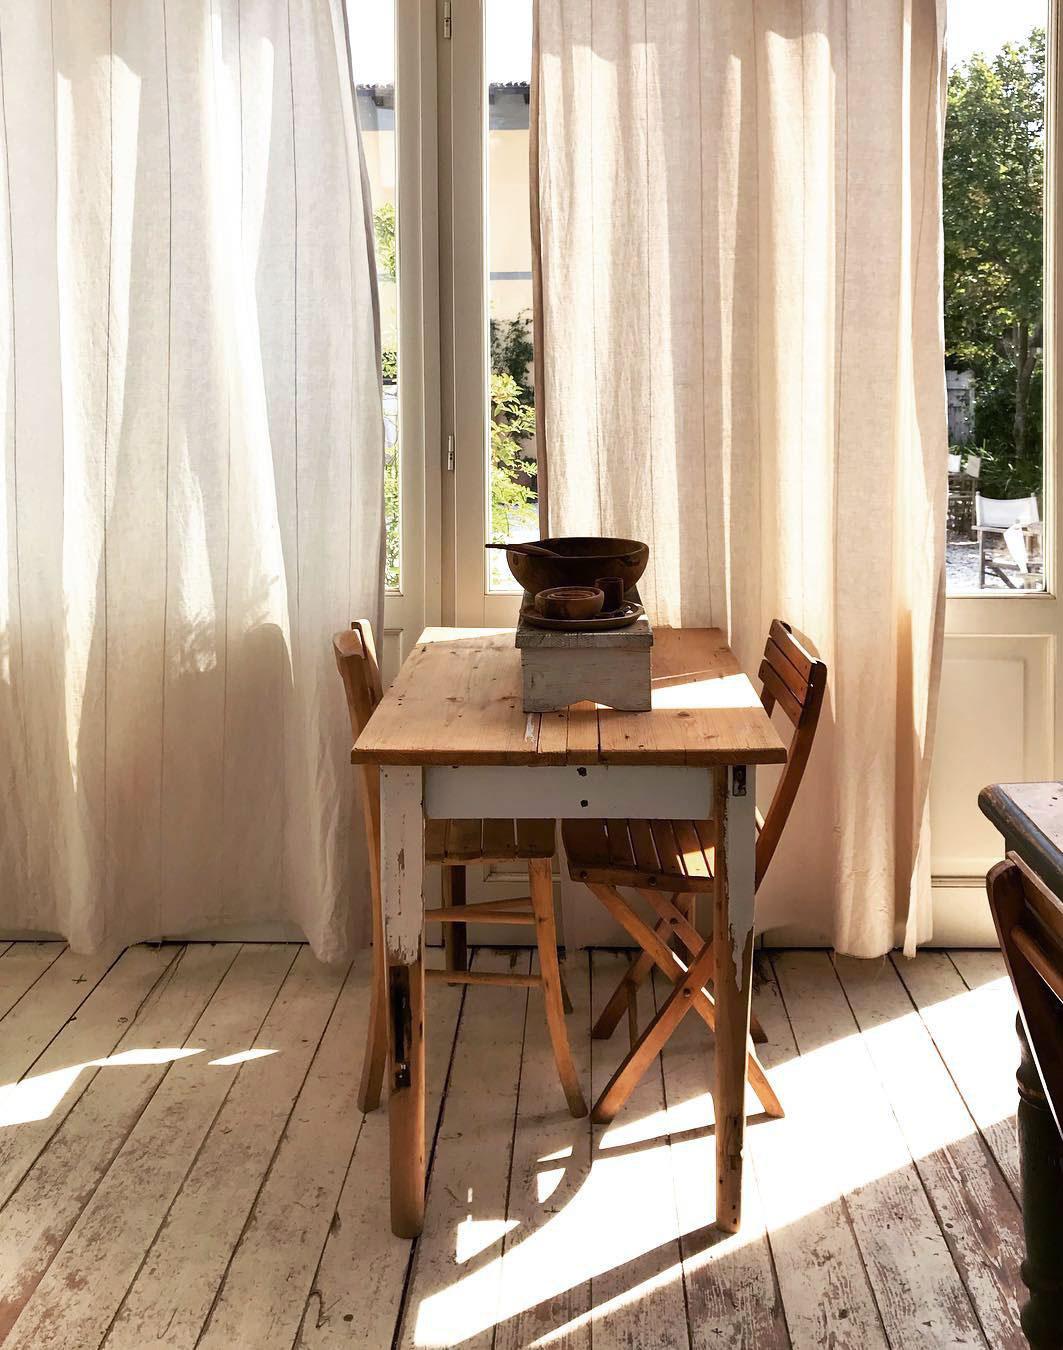 maison style italien cuisine salle à manger parquet blanchi terrasse jardin - blog déco - clem around the corner